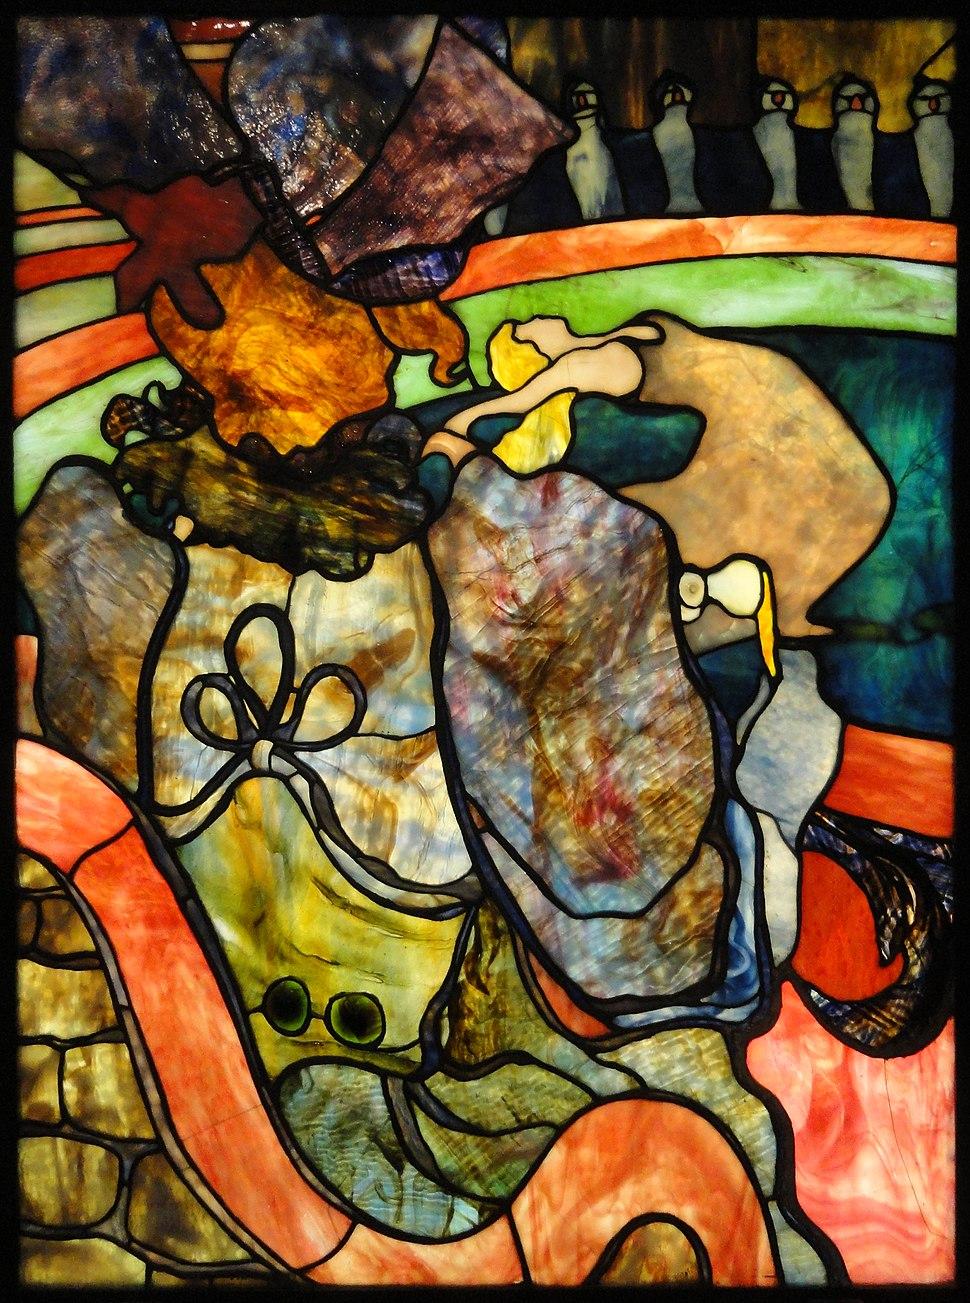 Henri de Toulouse-Lautrec, Louis Comfort Tiffany, Au Nouveau Cirque, Papa Chrysanthème, c.1894, stained glass, 120 x 85 cm, Musée d'Orsay, Paris